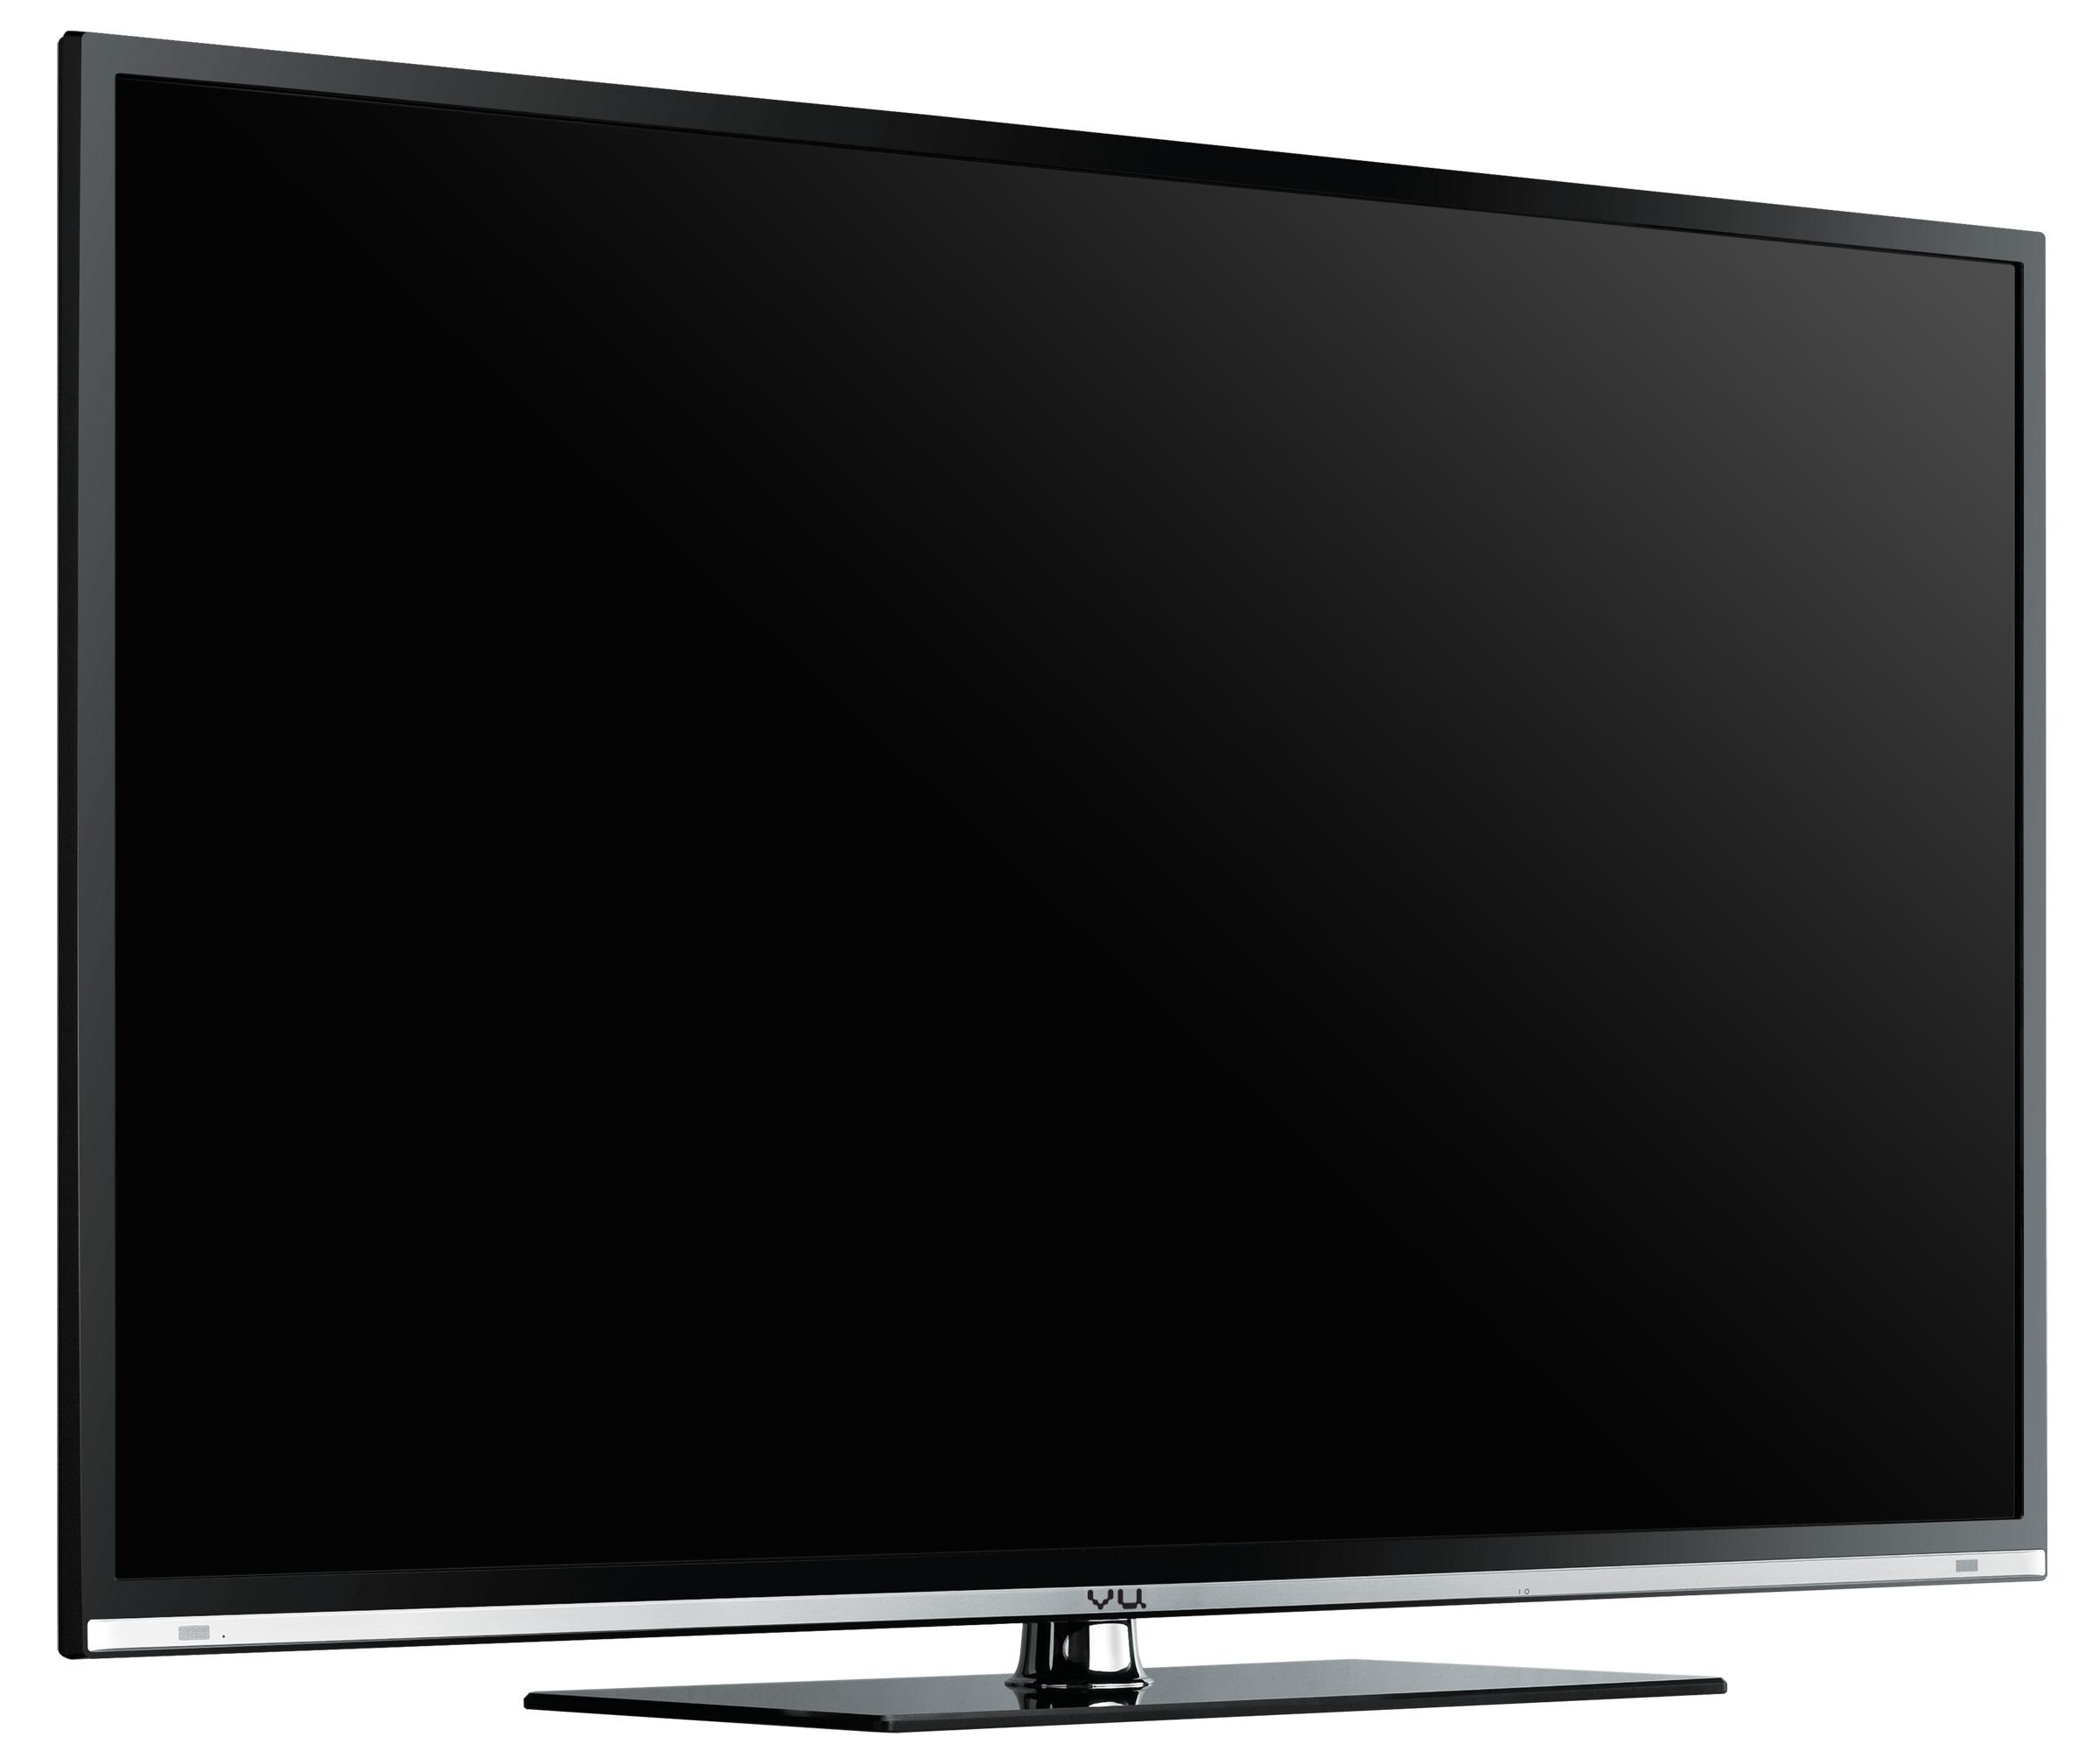 """Led Smart Tv : Vu 65"""" Super TV- 3D-Smart-LED TV, (Intel Core i3, 2GB, 500GB ..."""